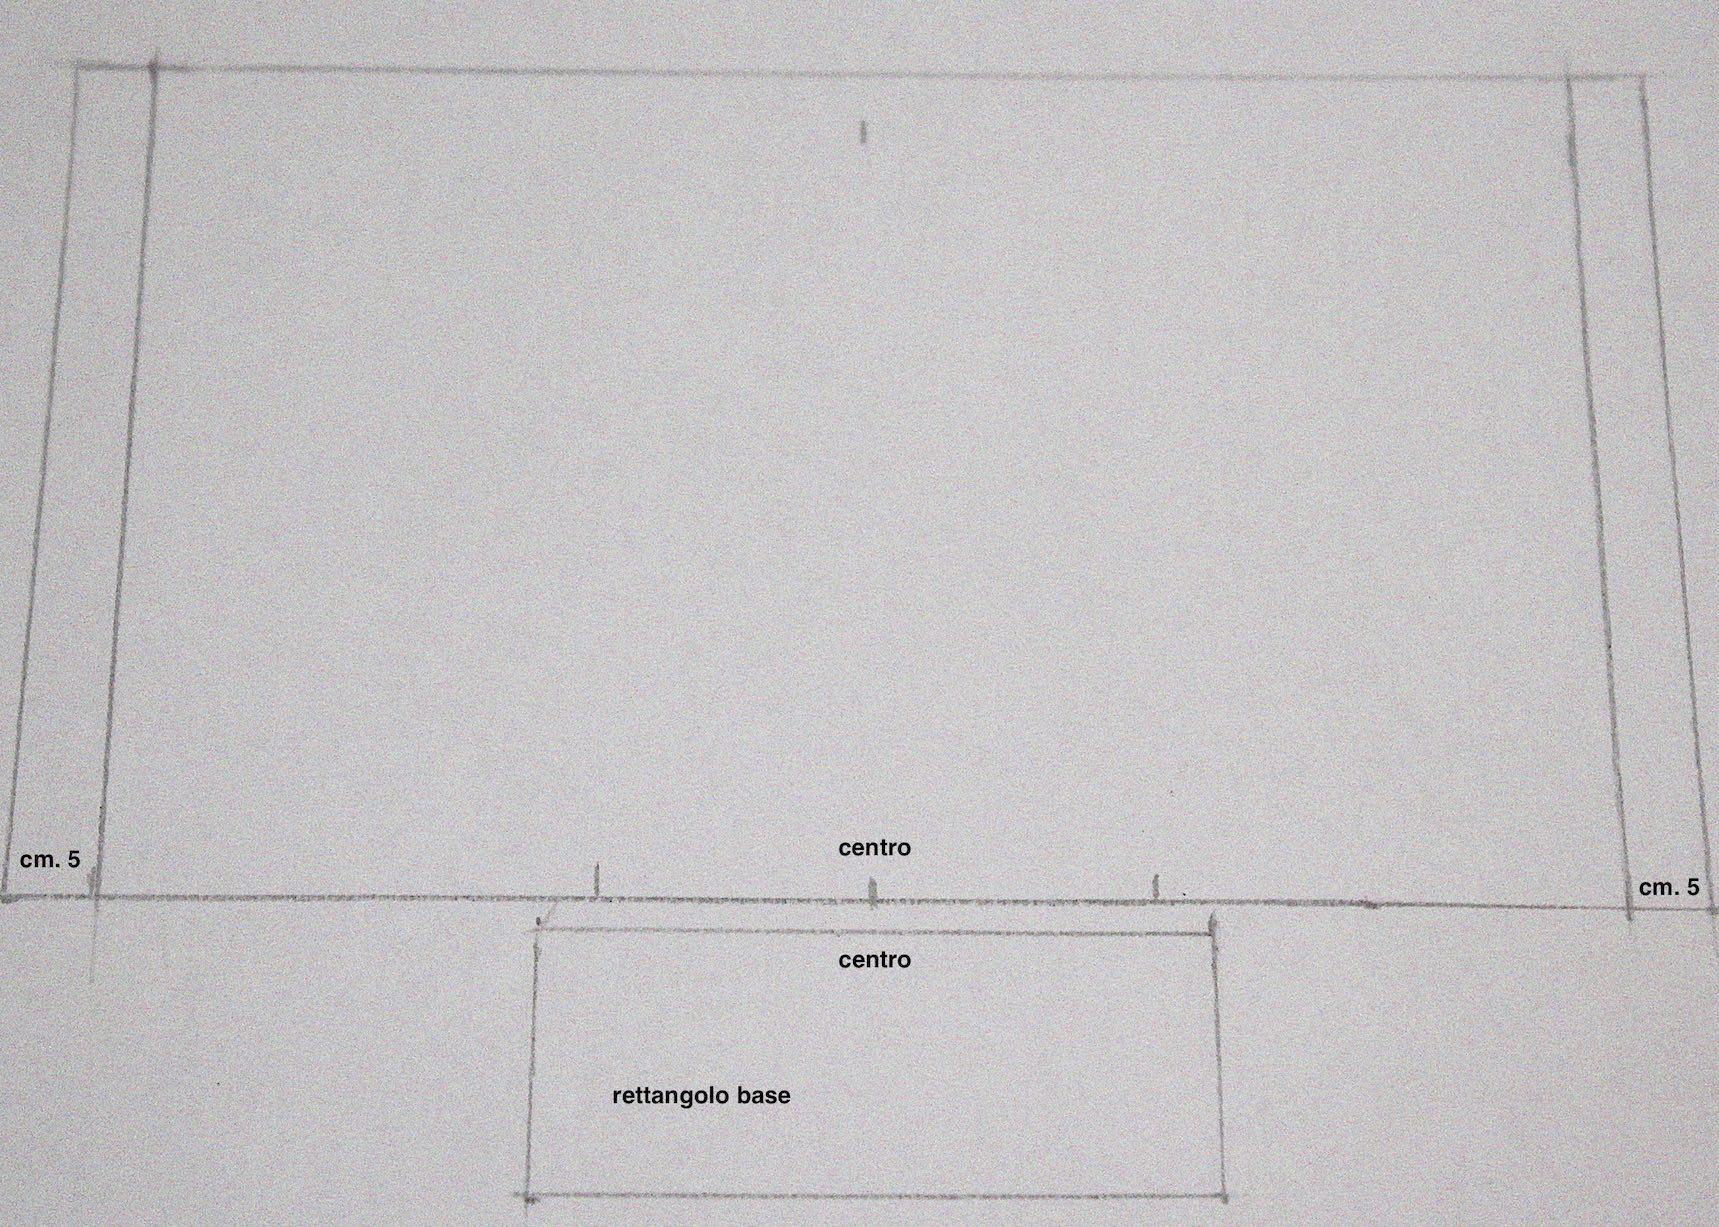 piccolo schema per semplificare l'assemblaggio del Porta tutto